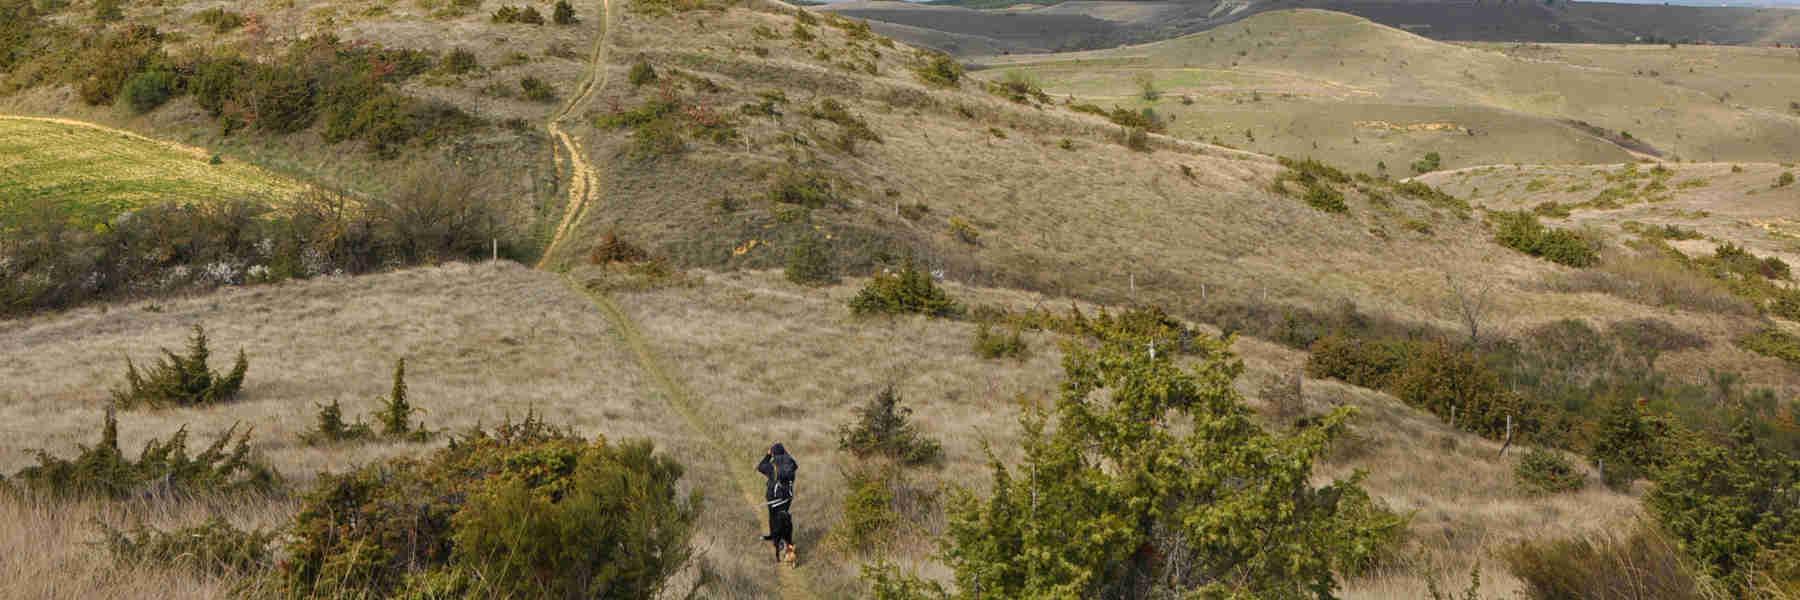 La randonnée pédestre de Fendeille